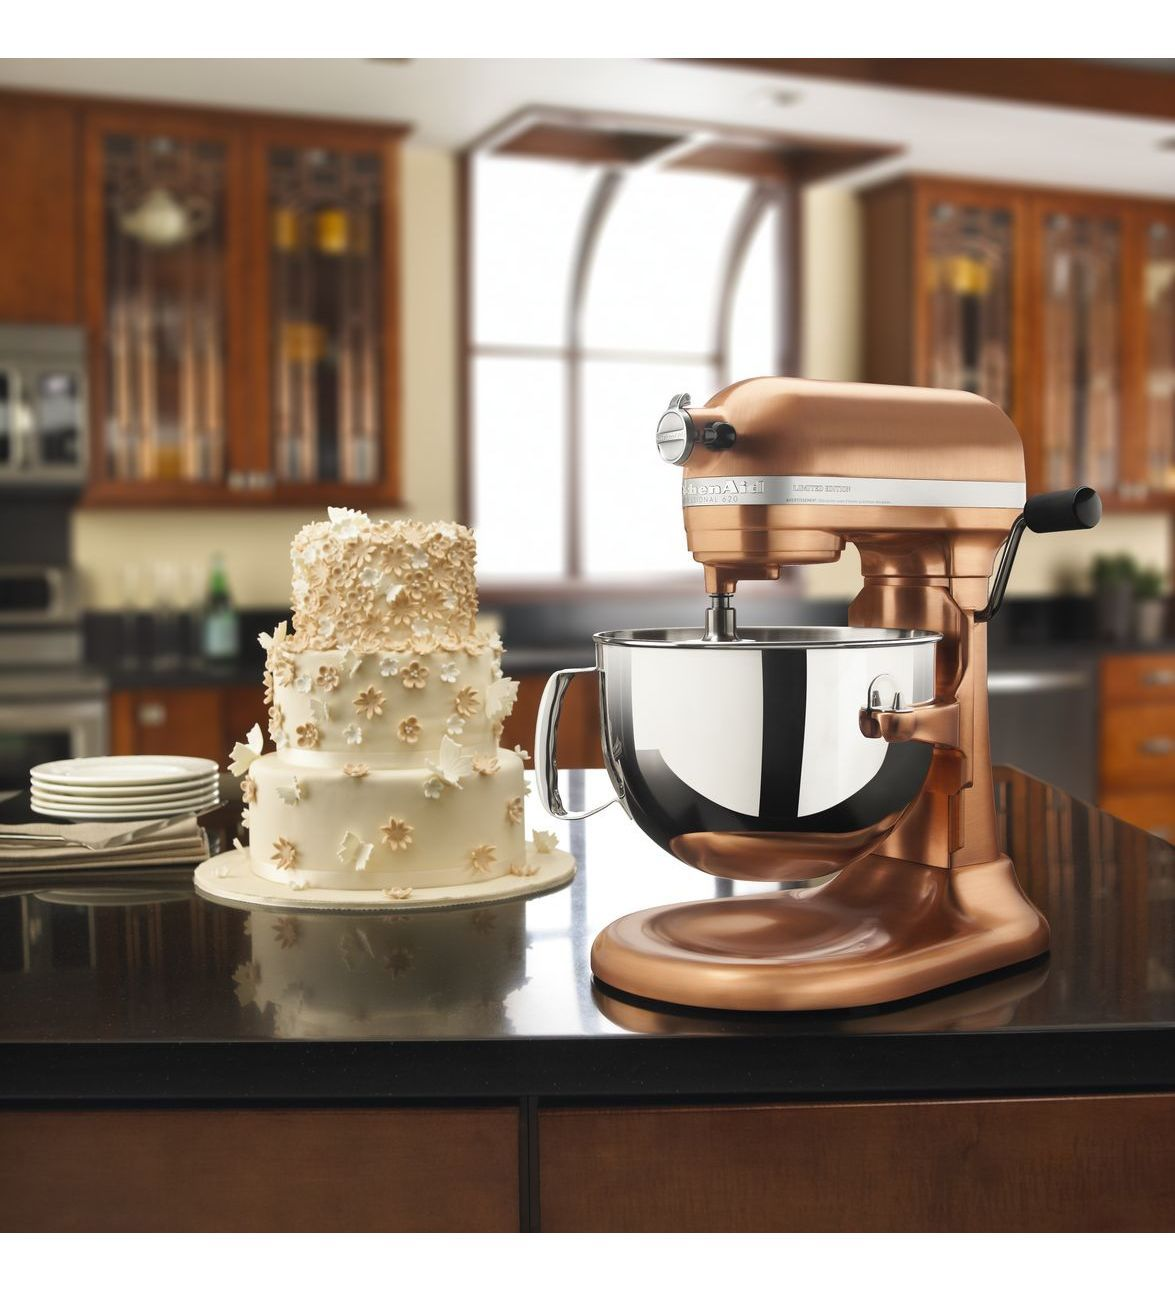 Kitchenaid Professional 620 6 Quart Bowl Lift Stand Mixer Satin Copper Kitchen Aid Kitchen Aid Mixer Kitchenaid Mixer Colors